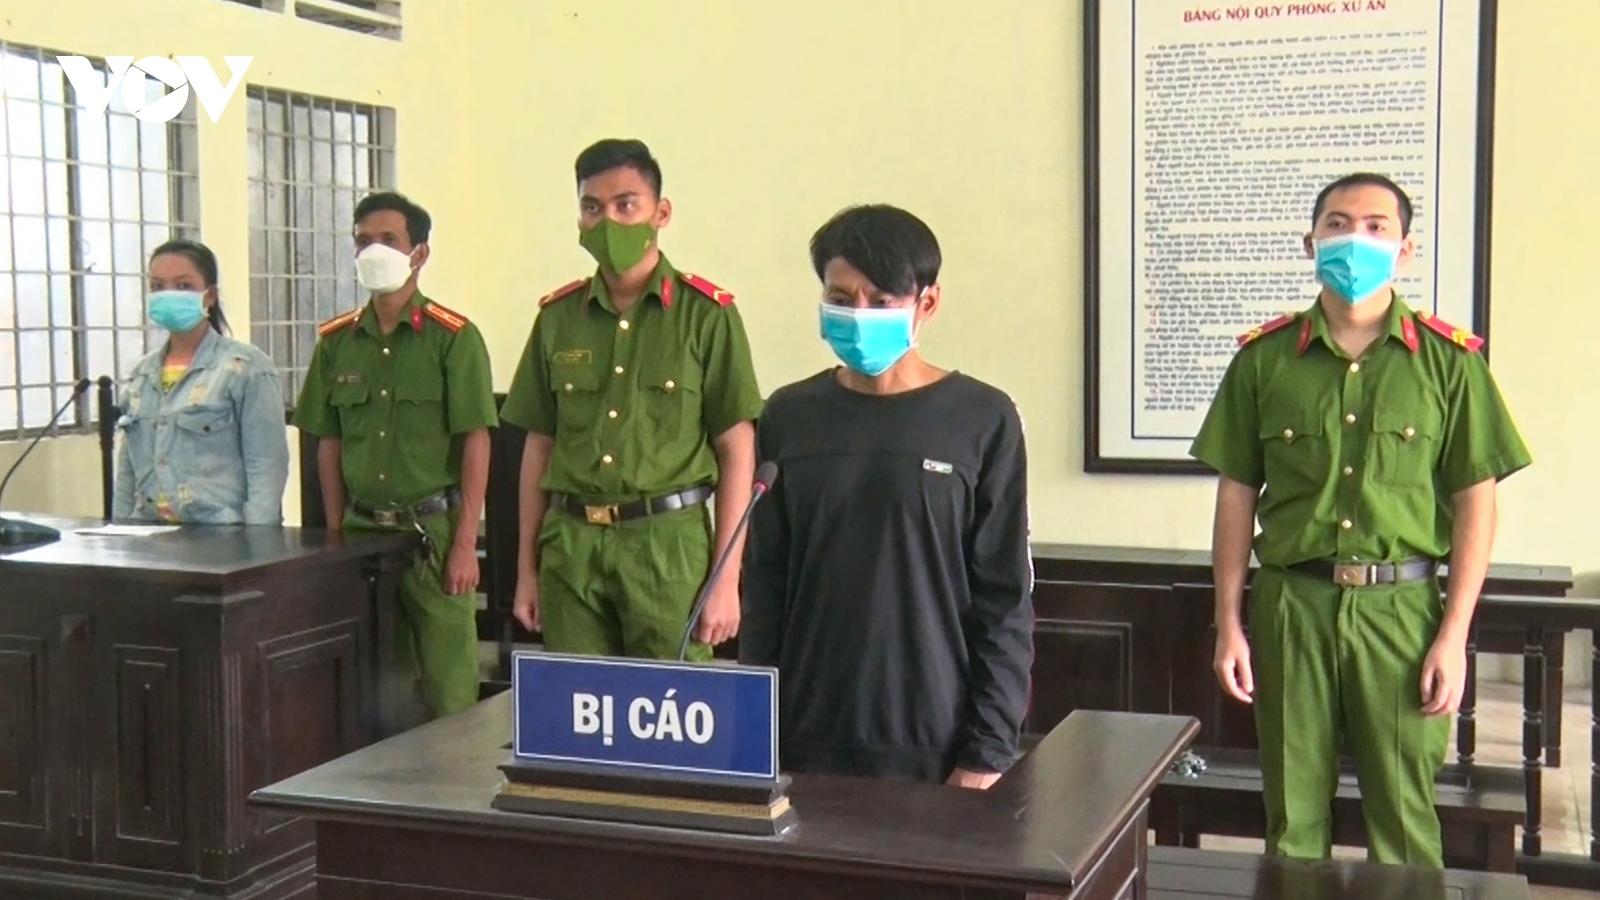 Bản án nghiêm khắc cho đối tượng chống người thi hành công vụ trong phòng, chống dịch